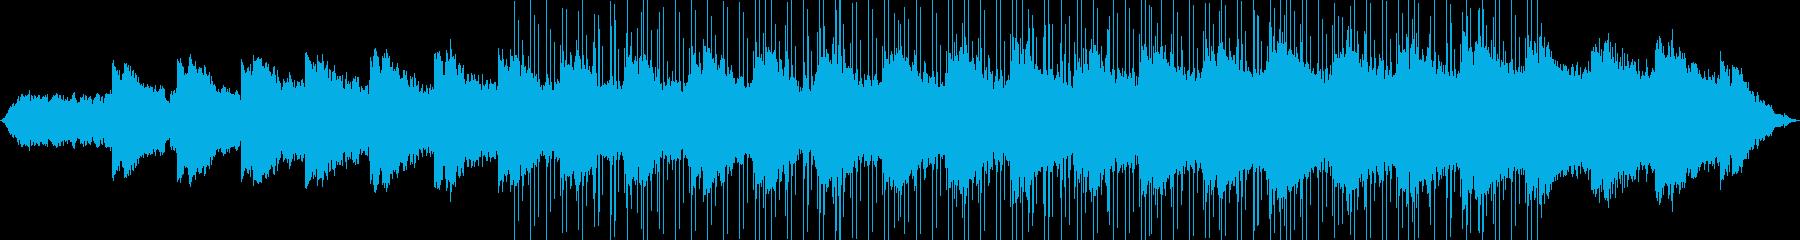 思い出をイメージした切ないBGMの再生済みの波形